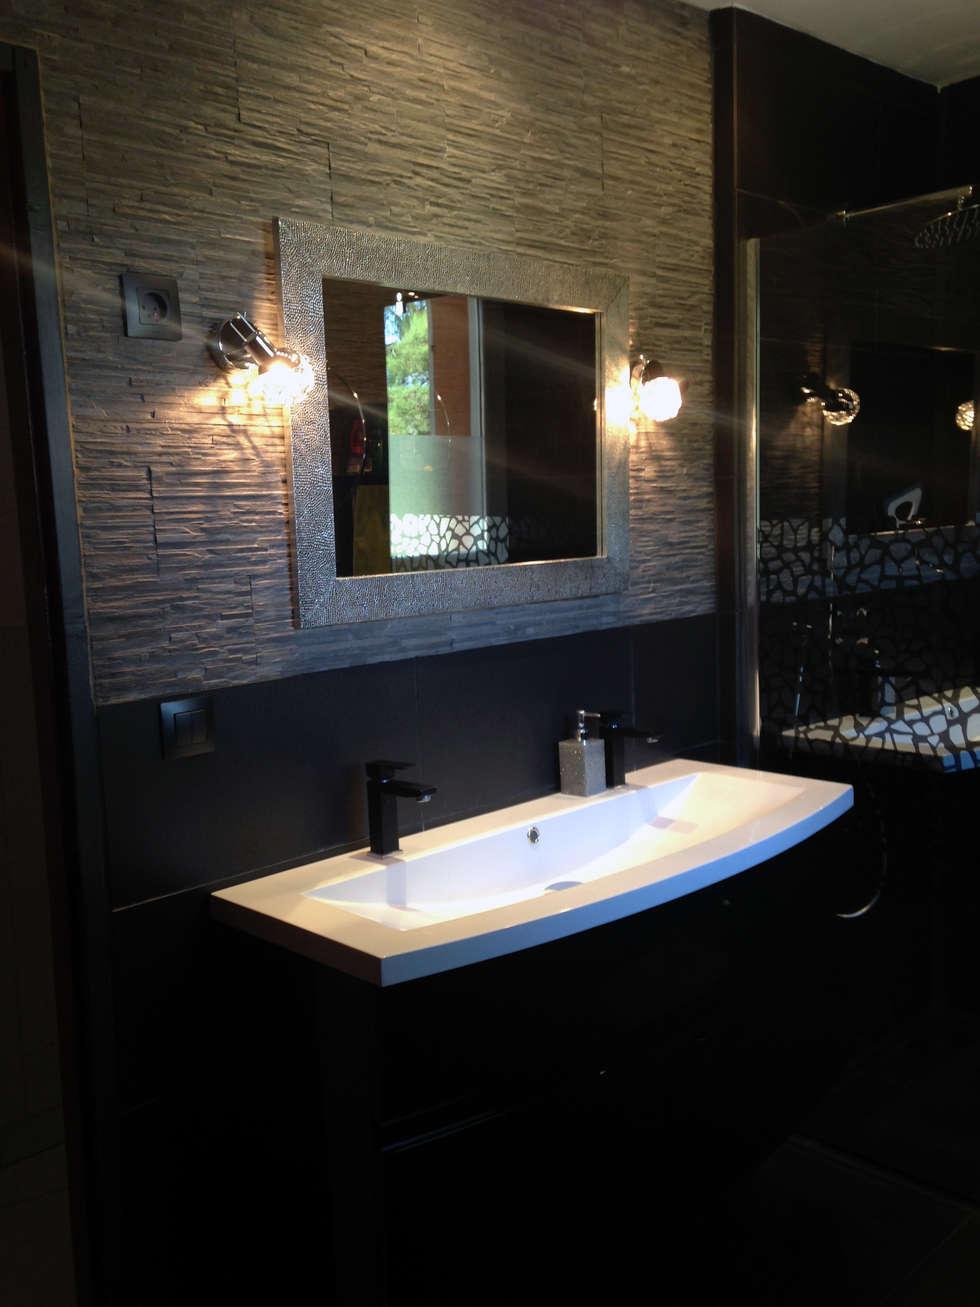 Salle de bain : Salle de bains de style  par Emilie Granato Architecture d'intérieur